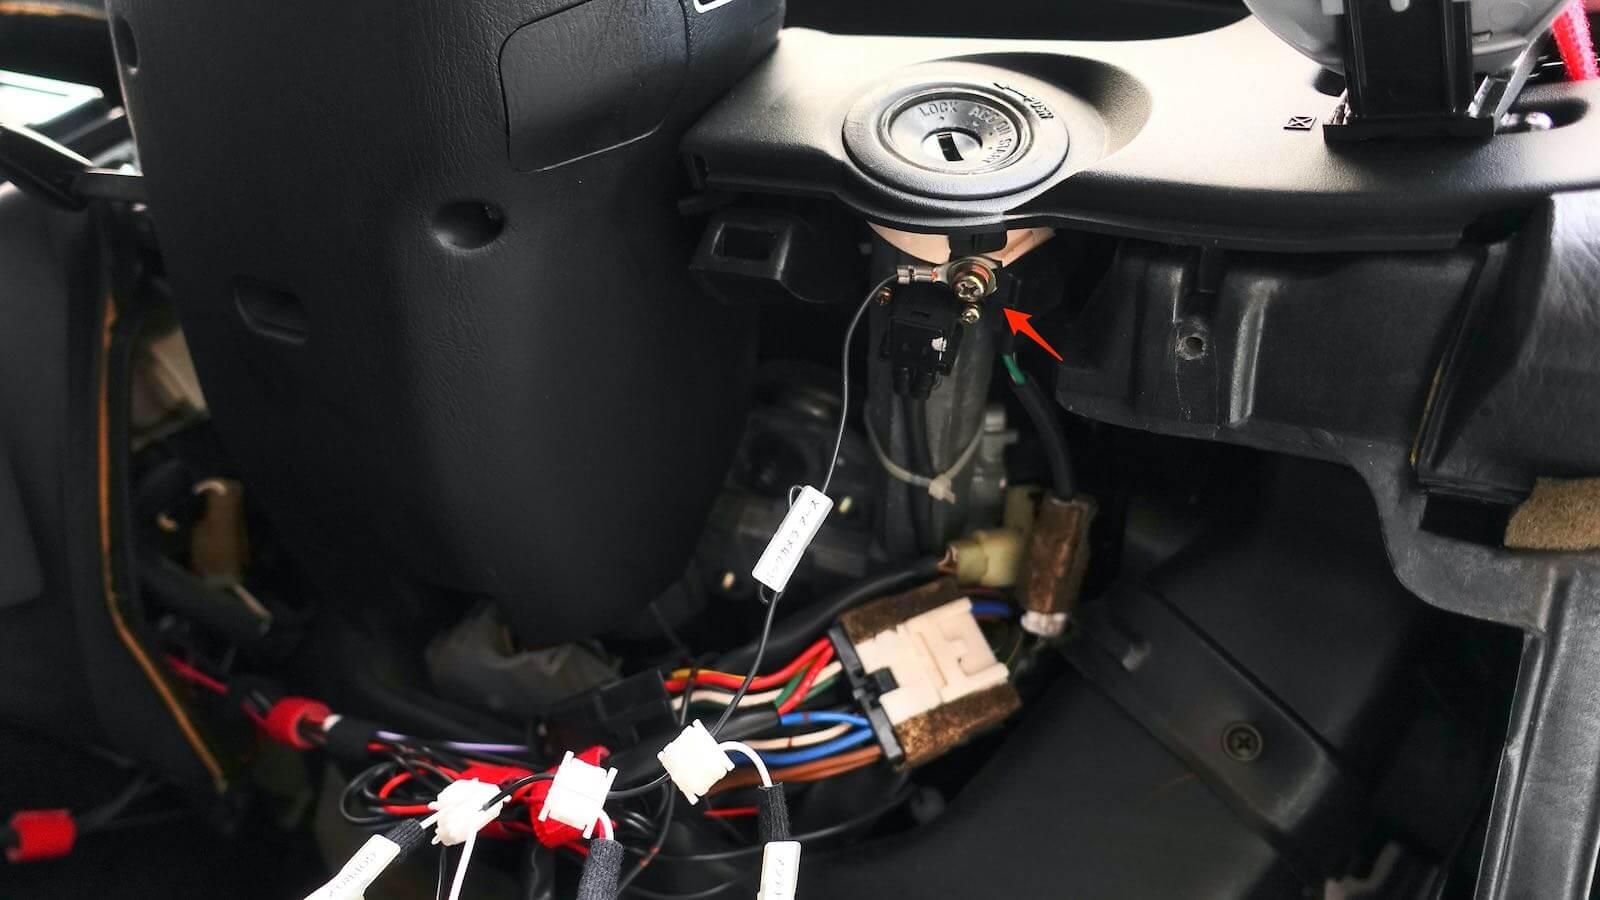 Ground wire connection under MR2 key cylinder